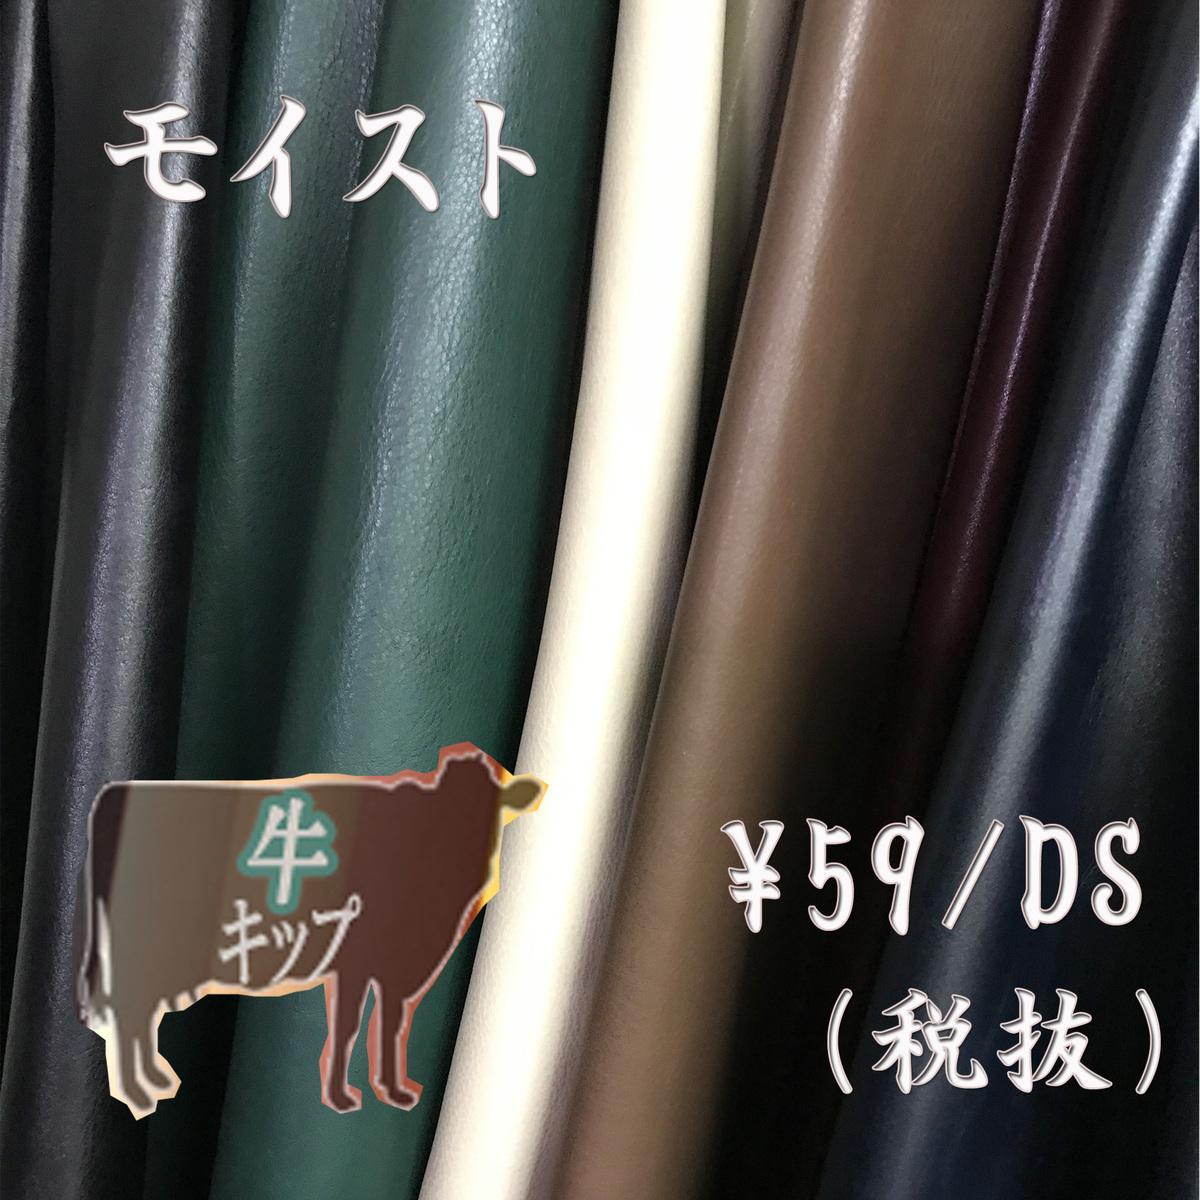 【条件付き送料無料】モイスト【本革・牛革・レザー生地】【当店限定】【クラフト/靴・小物・バッグ製作用】【職人、デザイナー向け】【全13色】